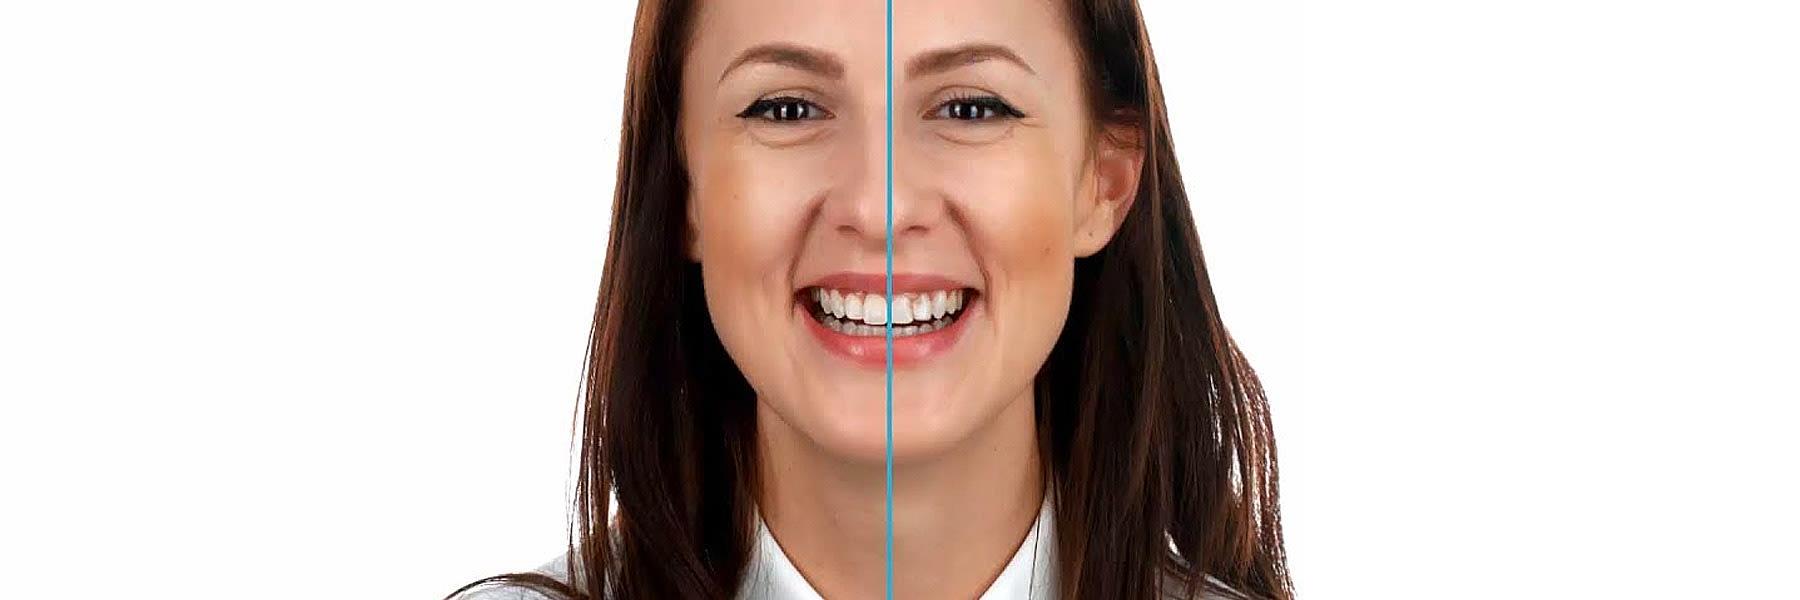 Warum-Lingual-kontrollierte-Zahnbewegung